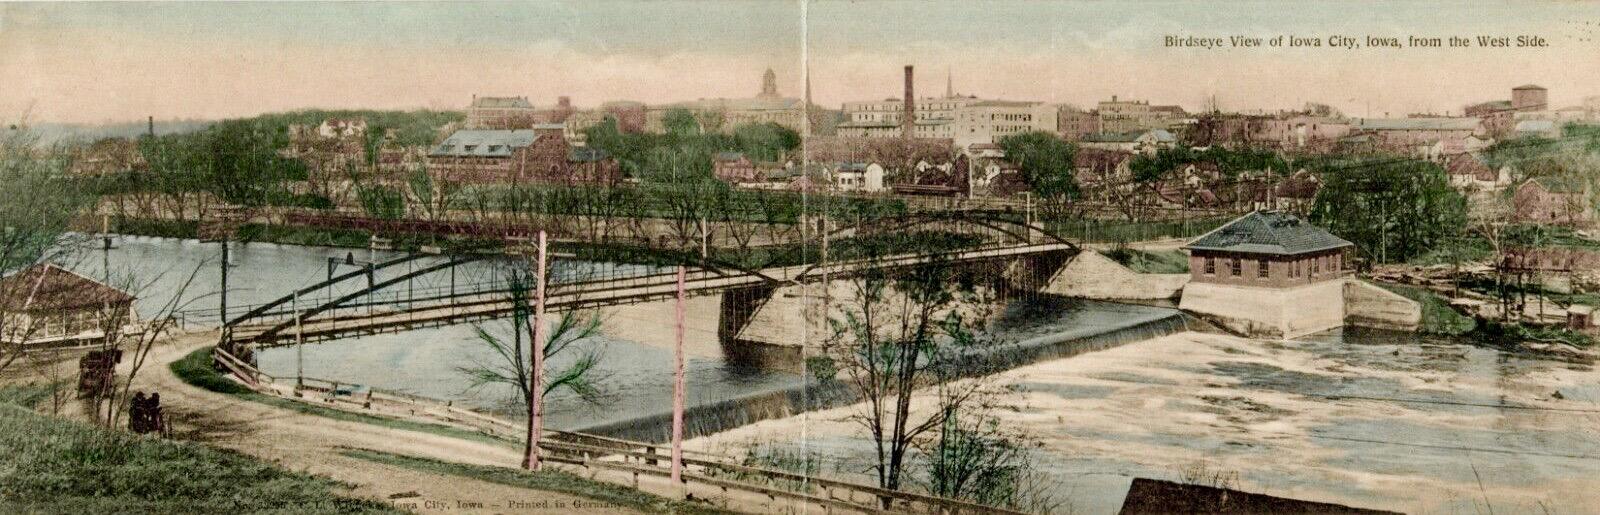 0-1905-pentacrest